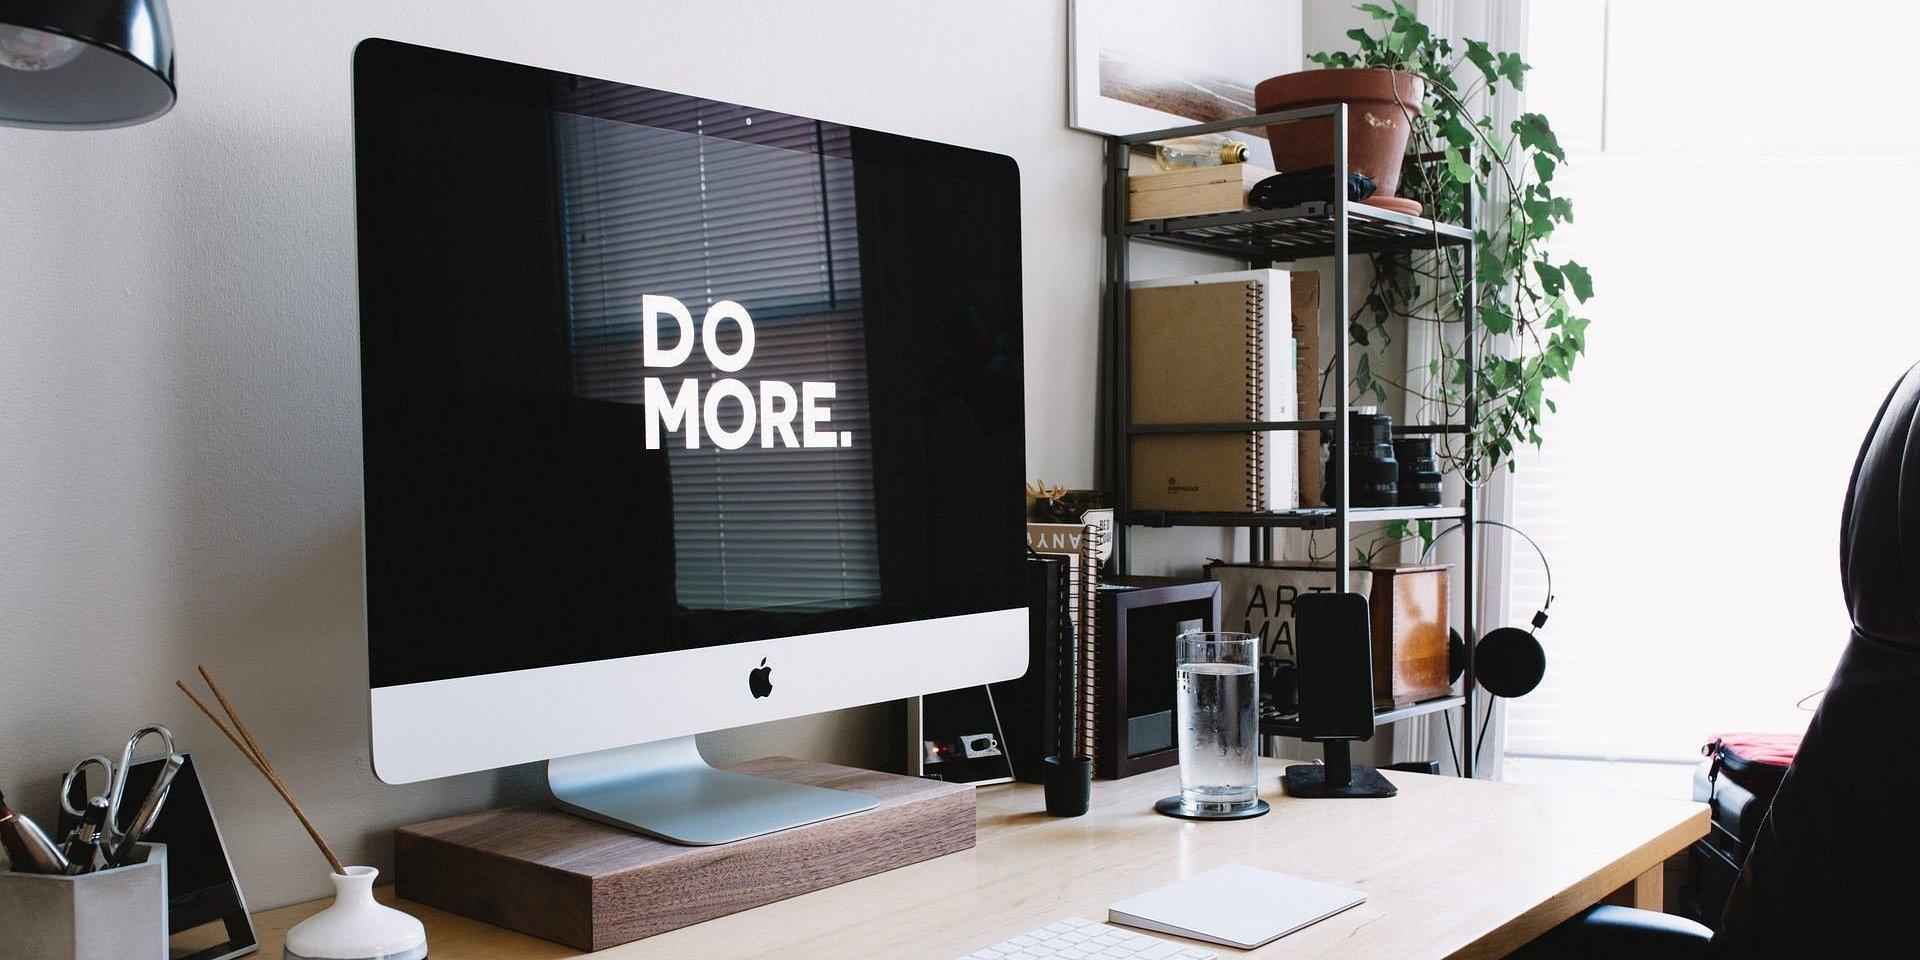 Zaplanuj swoją karierę w branży IT. Przewodnik dla początkujących